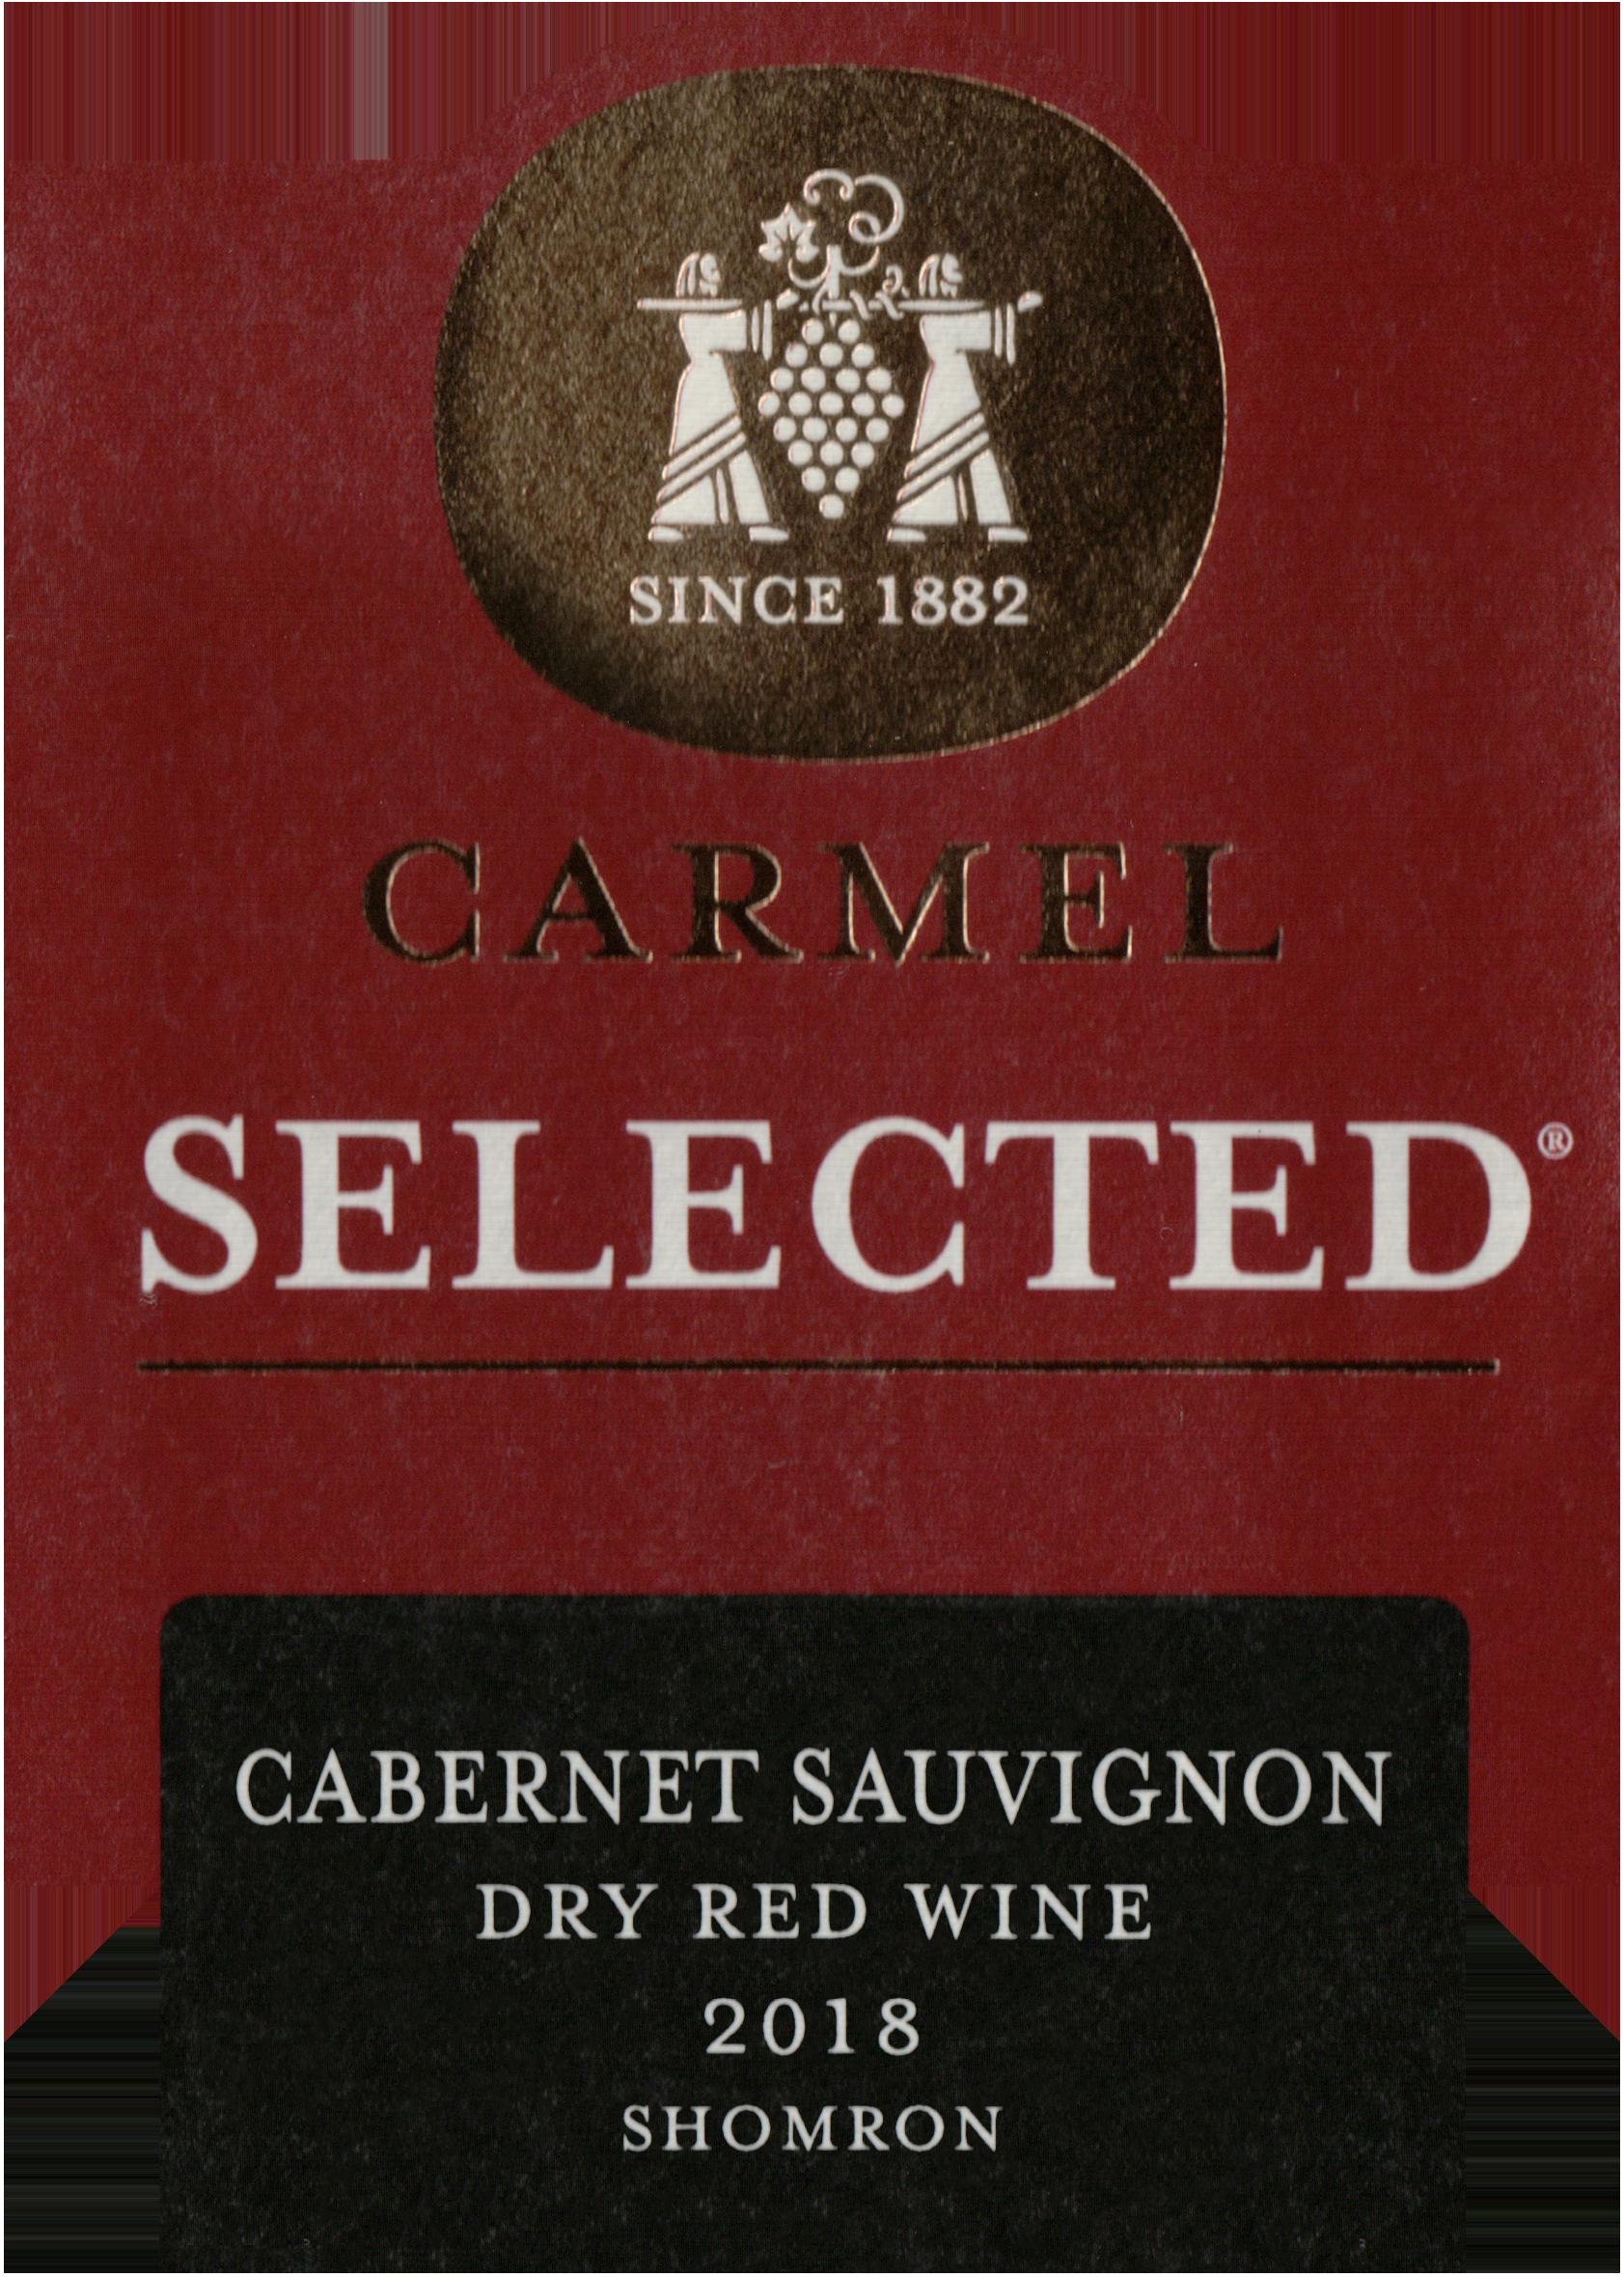 Carmel Selected Cabernet Sauvignon 2018